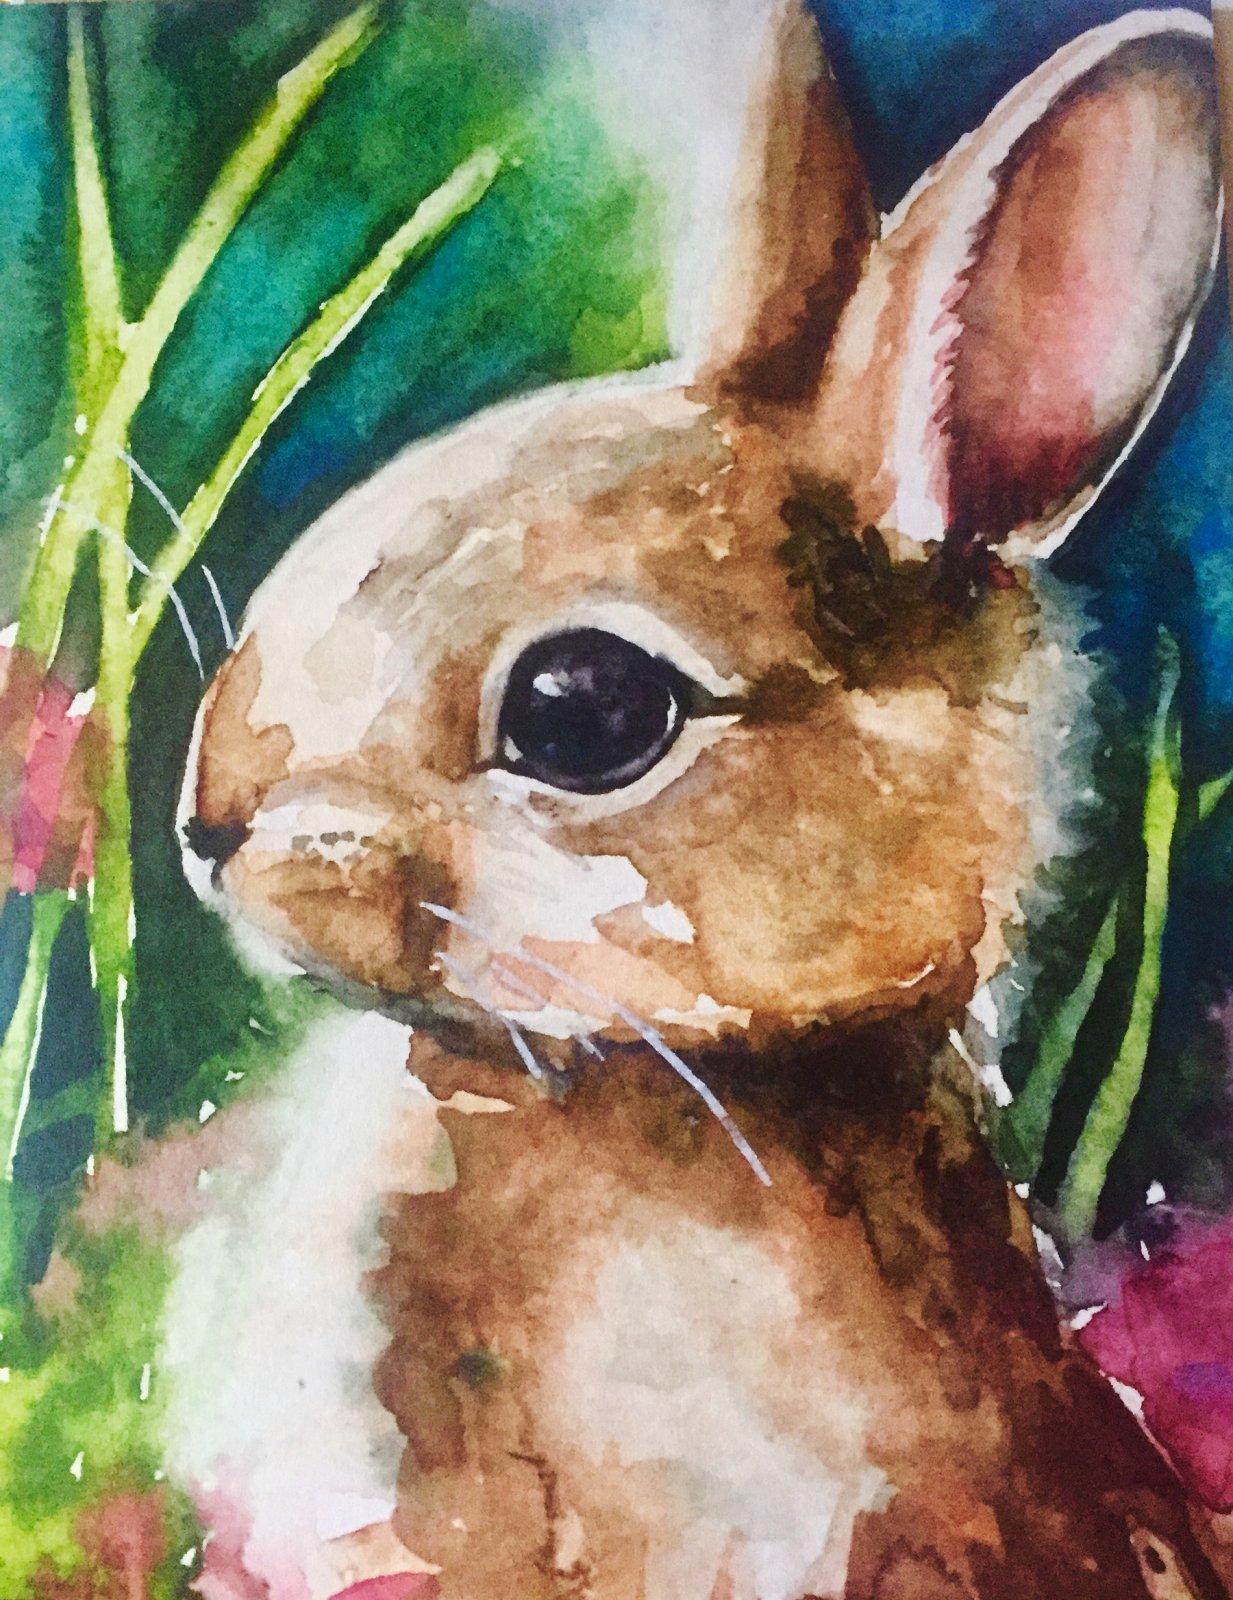 Curious Bunny Art Print 8x 10 (AW-01)